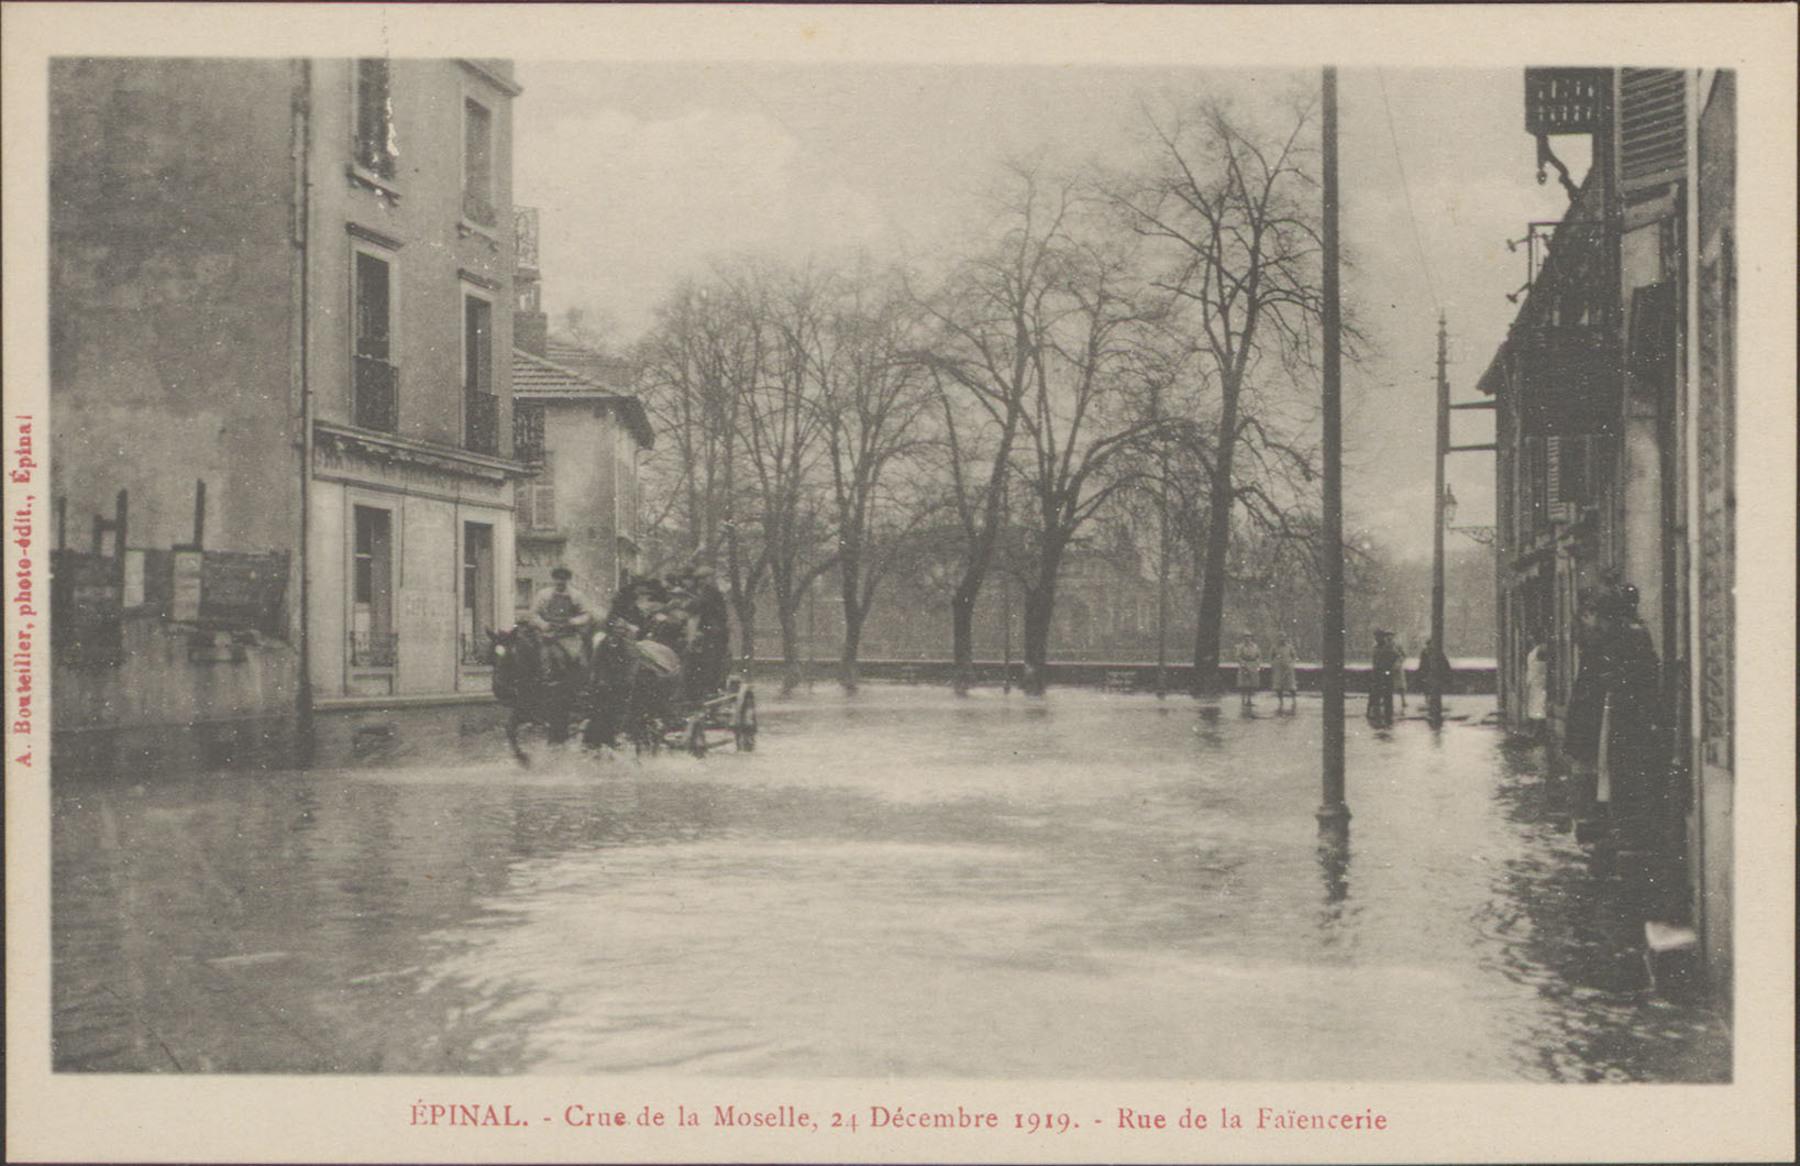 Contenu du Épinal, Crue de la Moselle, 24 décembre 1919, Rue de la Faïencerie